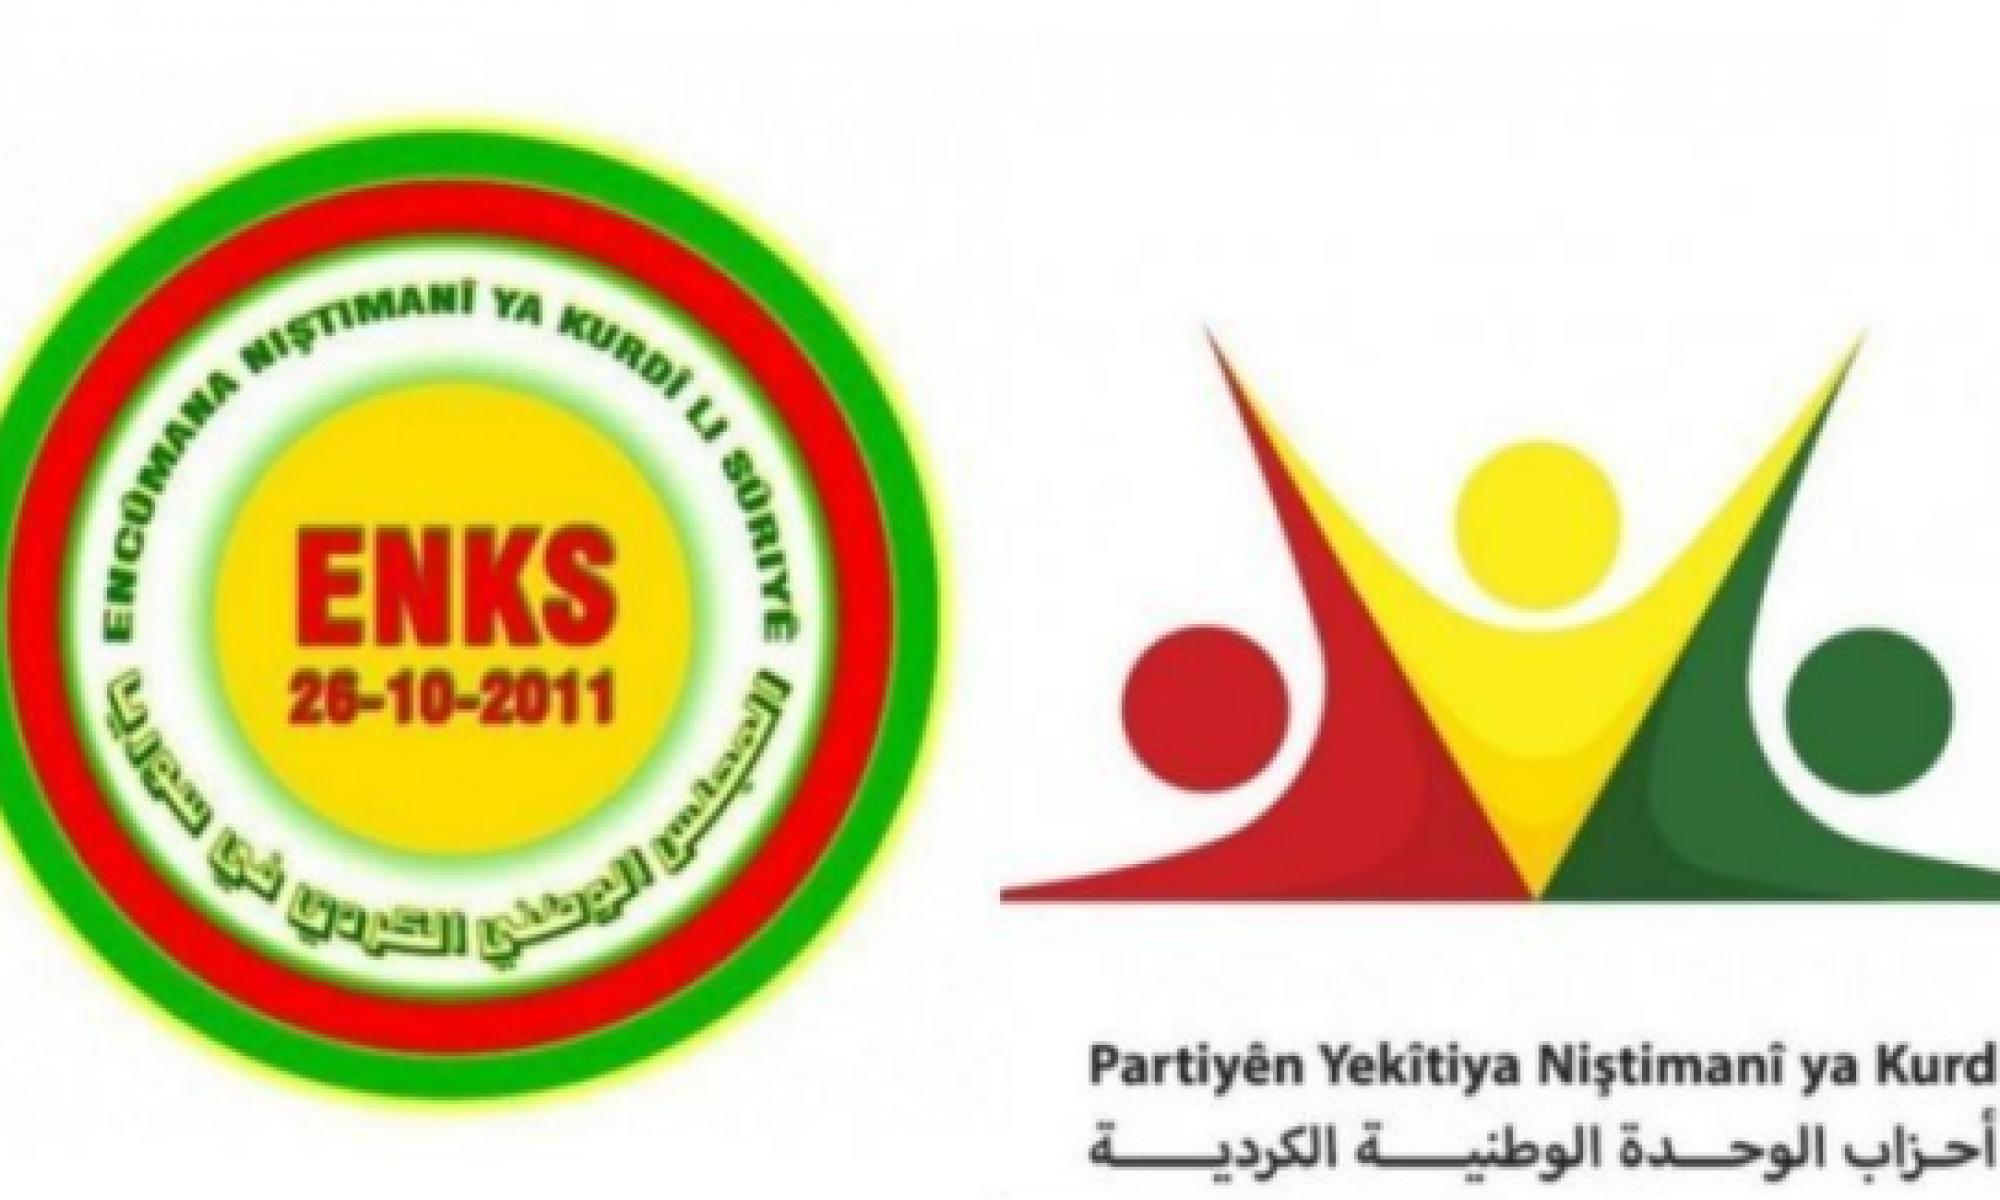 ENKS üyesi: PKK müdhalesi müzakereleri durdurdu PYND, PYD Roj peşmergeler i